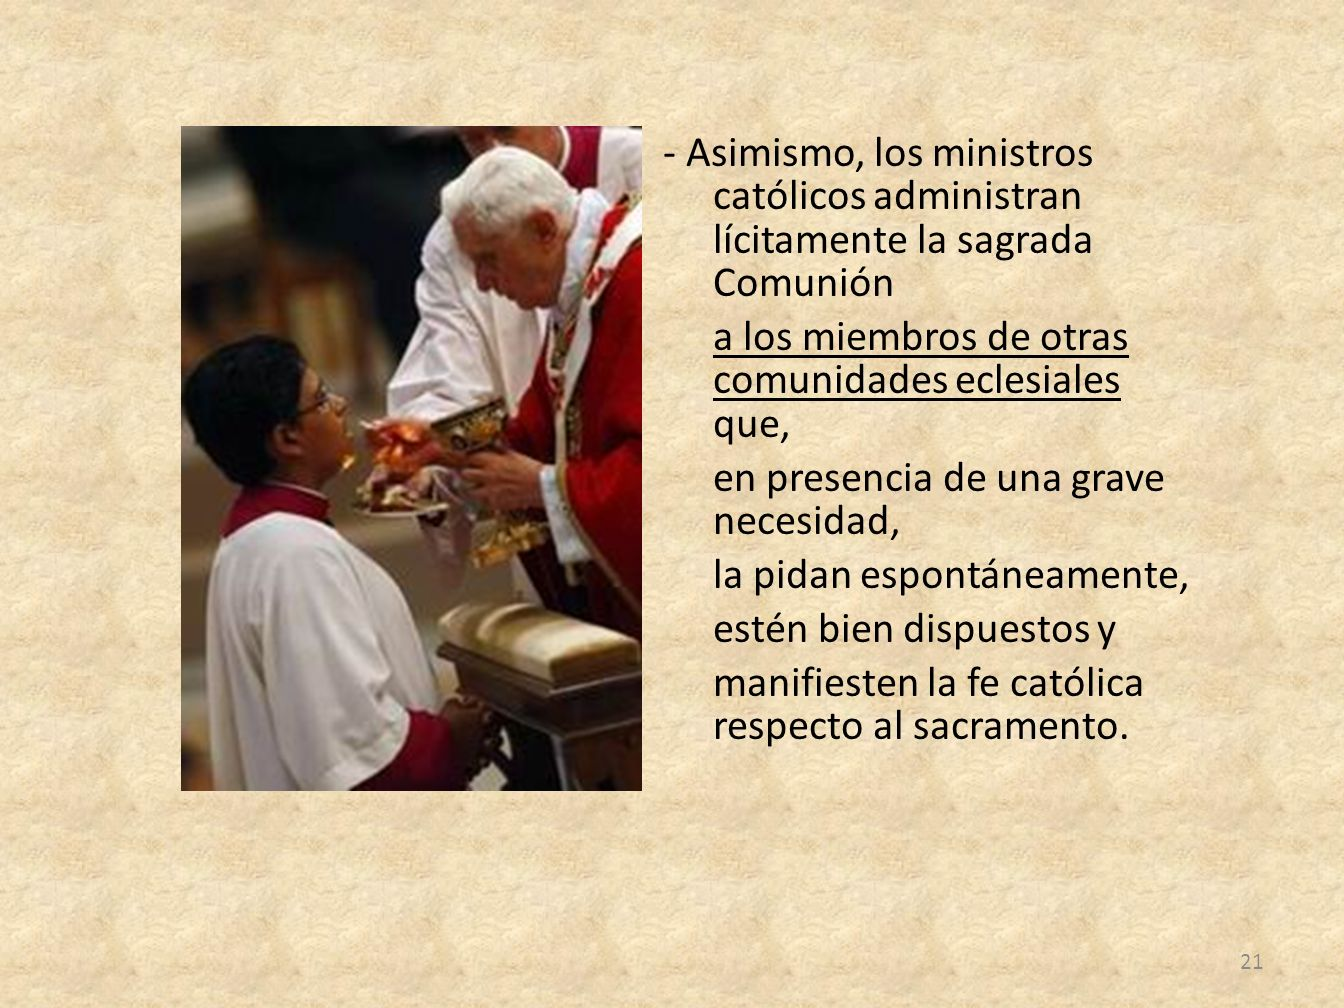 - Asimismo, los ministros católicos administran lícitamente la sagrada Comunión a los miembros de otras comunidades eclesiales que, en presencia de una grave necesidad, la pidan espontáneamente, estén bien dispuestos y manifiesten la fe católica respecto al sacramento.